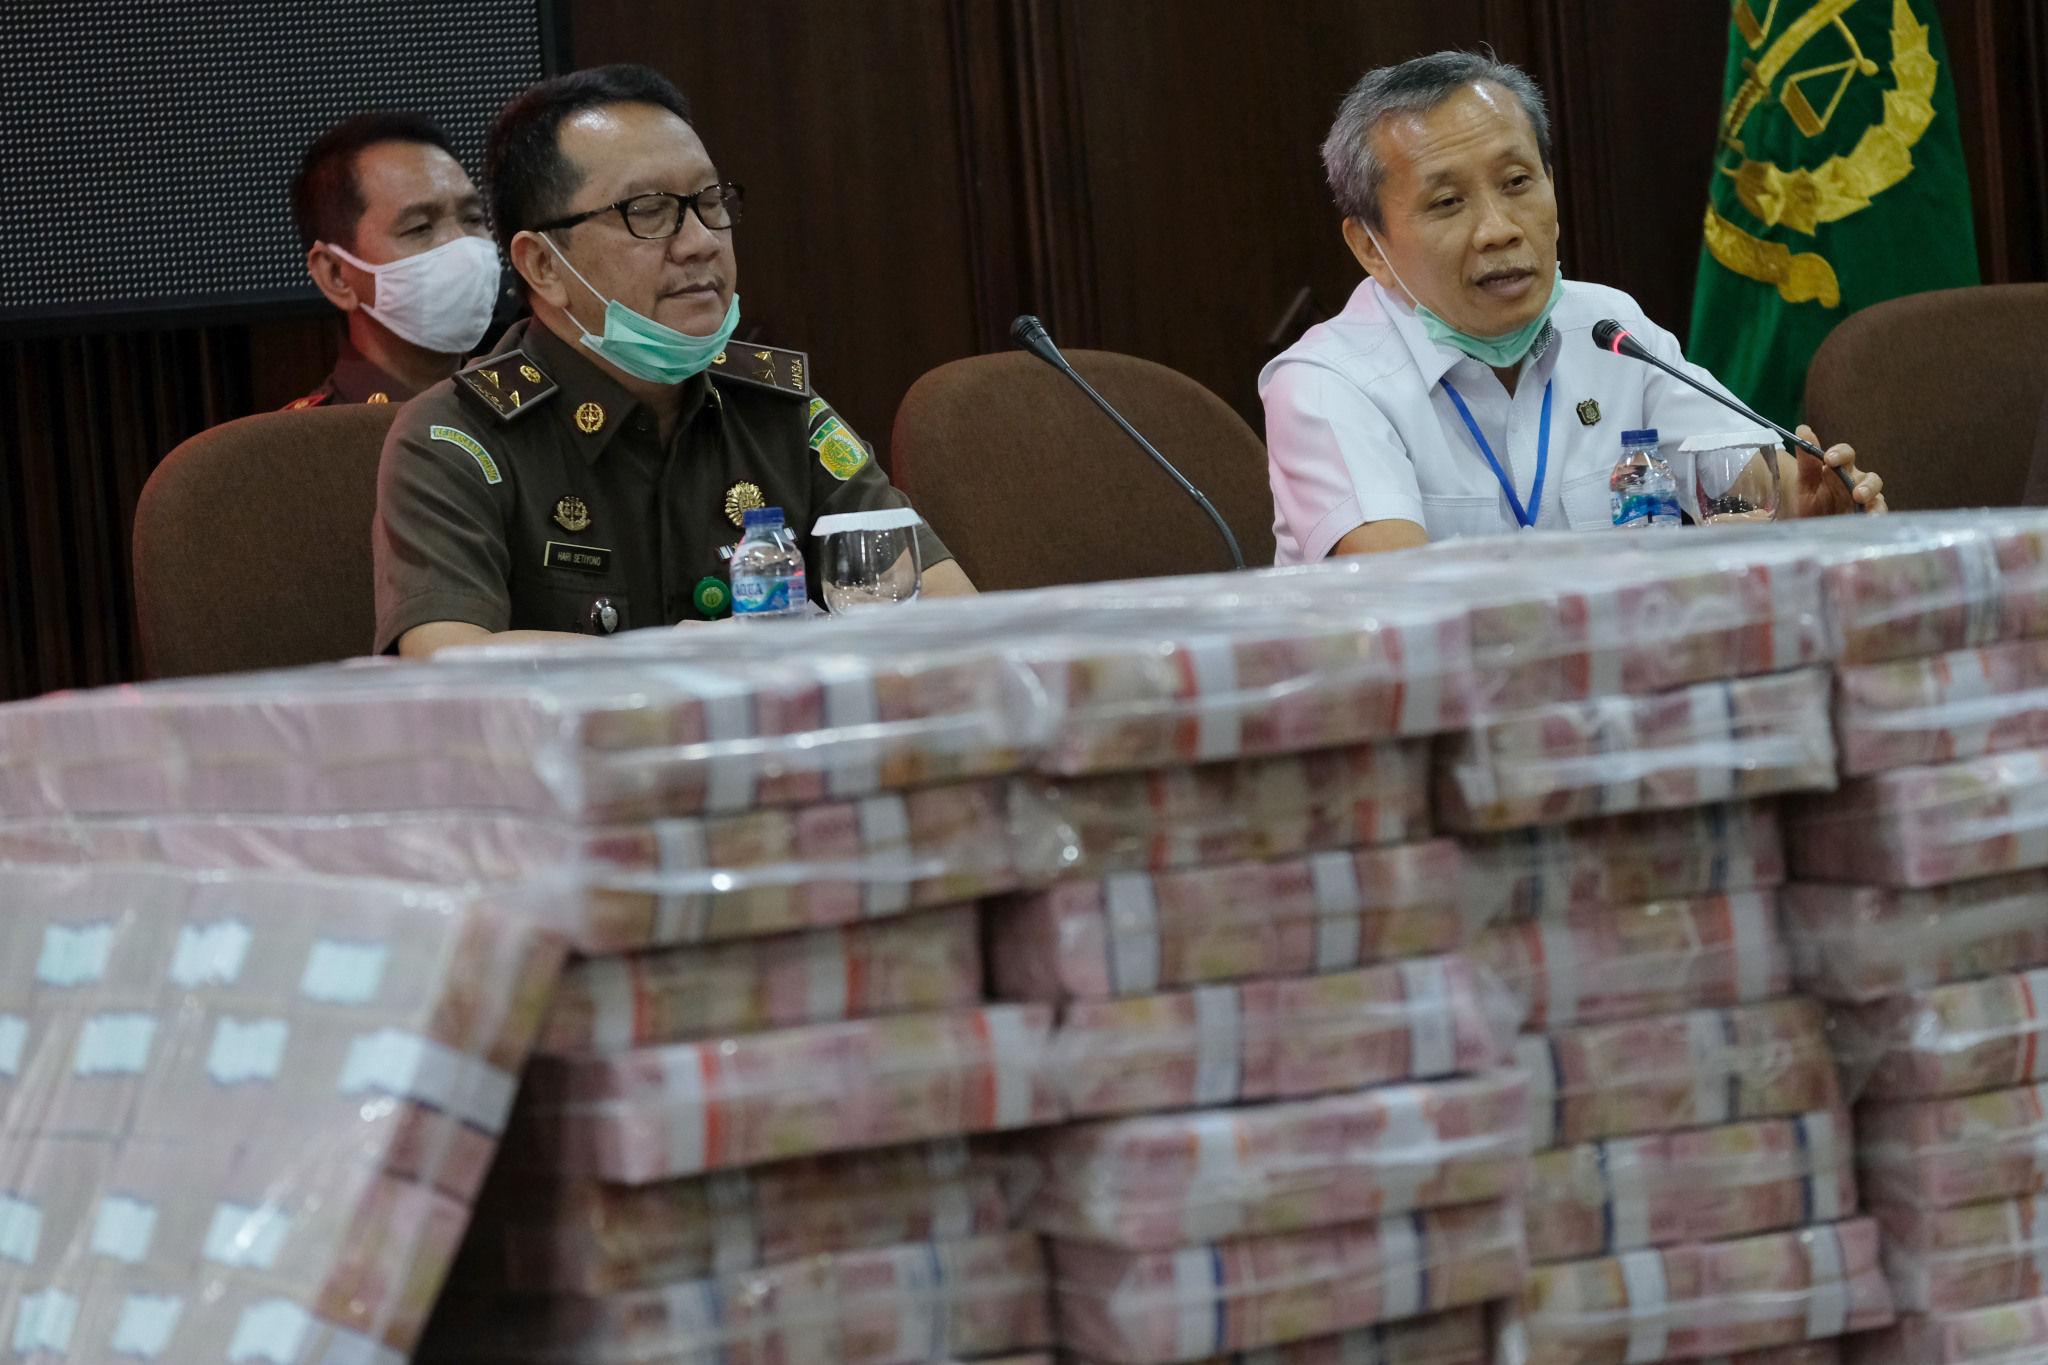 Rp56,7 Triliun Duit Rakyat Dikorupsi Selama 2020, Bayar Pajak Makin Malas